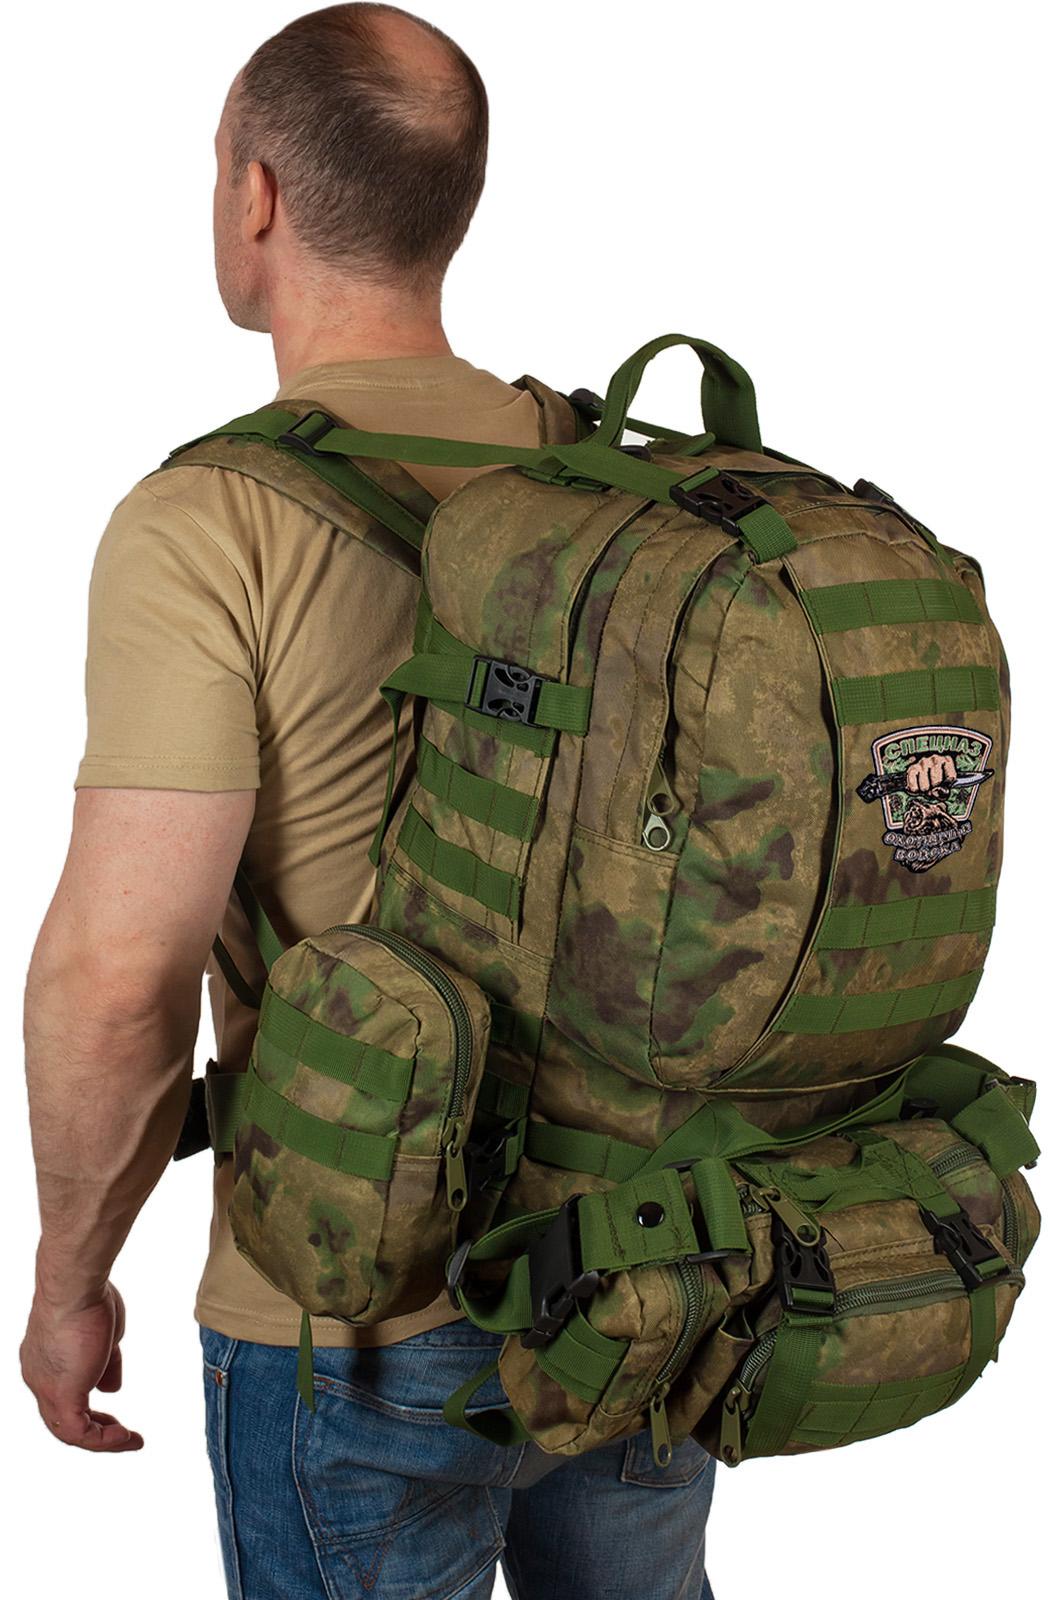 Тактический рюкзак с подсумком с нашивкой для охотников купить оптом